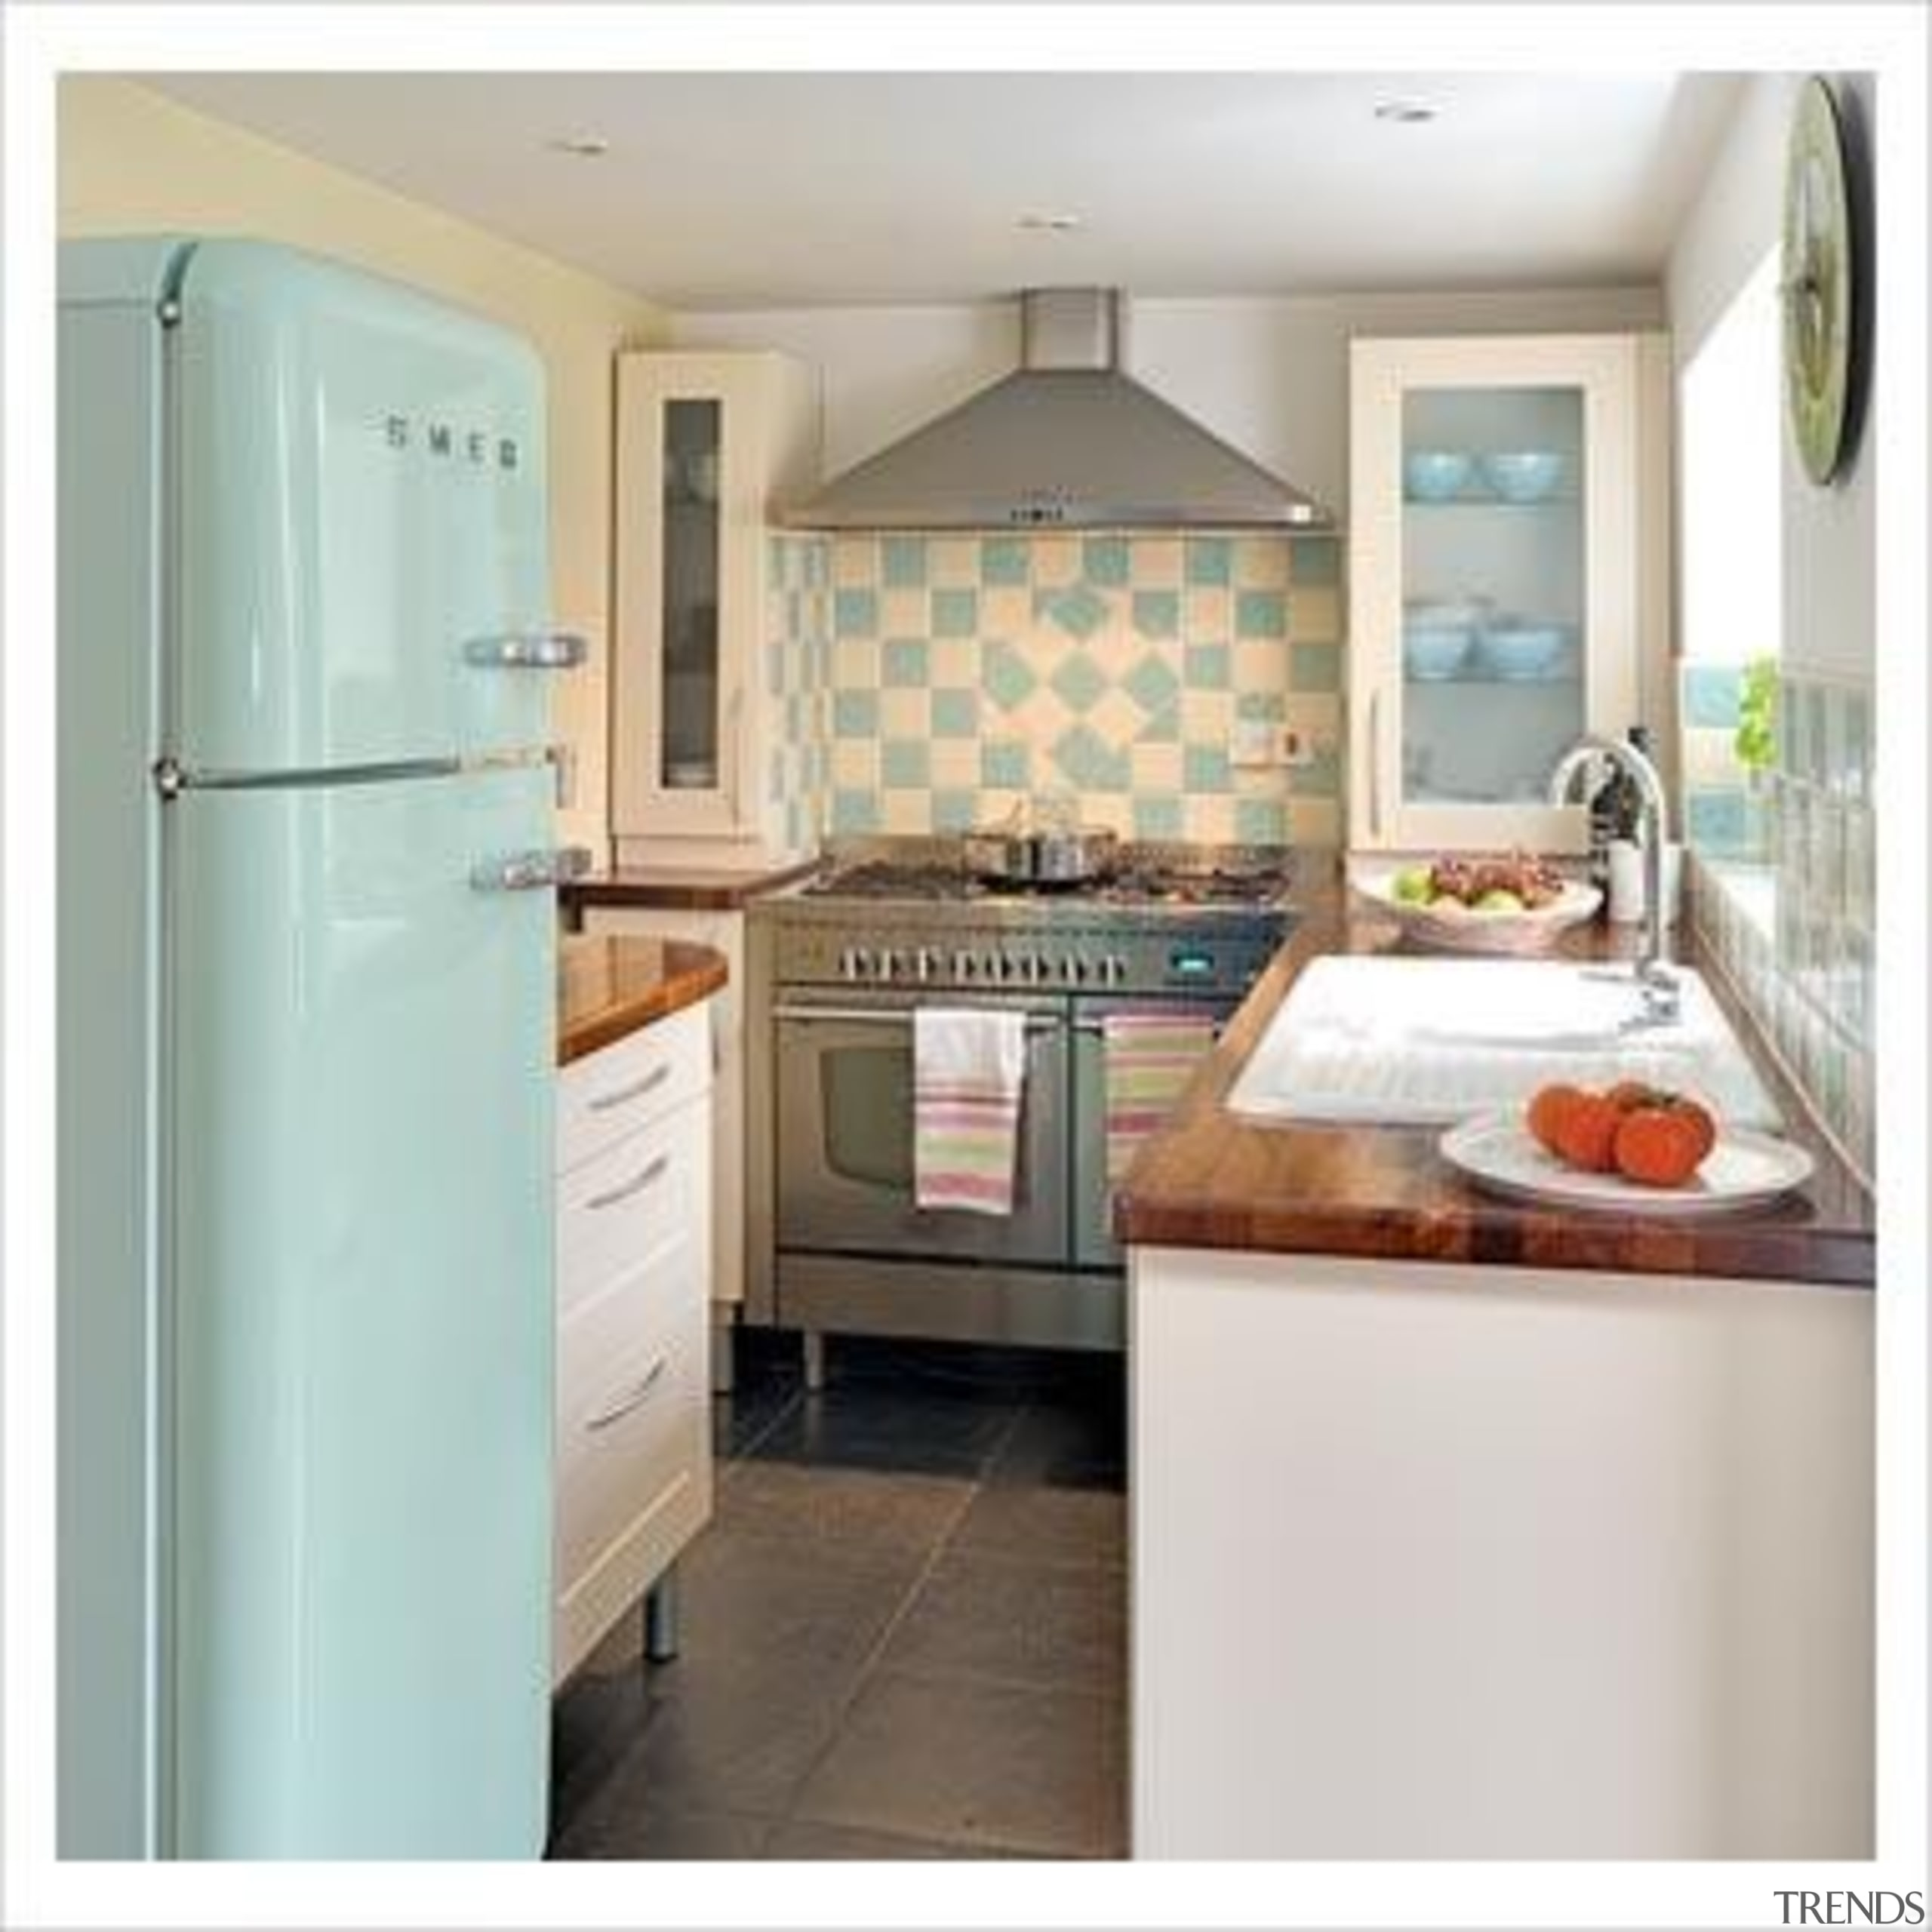 Merveilleux Kitchen Design Ideas By Smeg   Smeg Kitchen Cabinetry, Countertop, Cuisine  Classique, Home